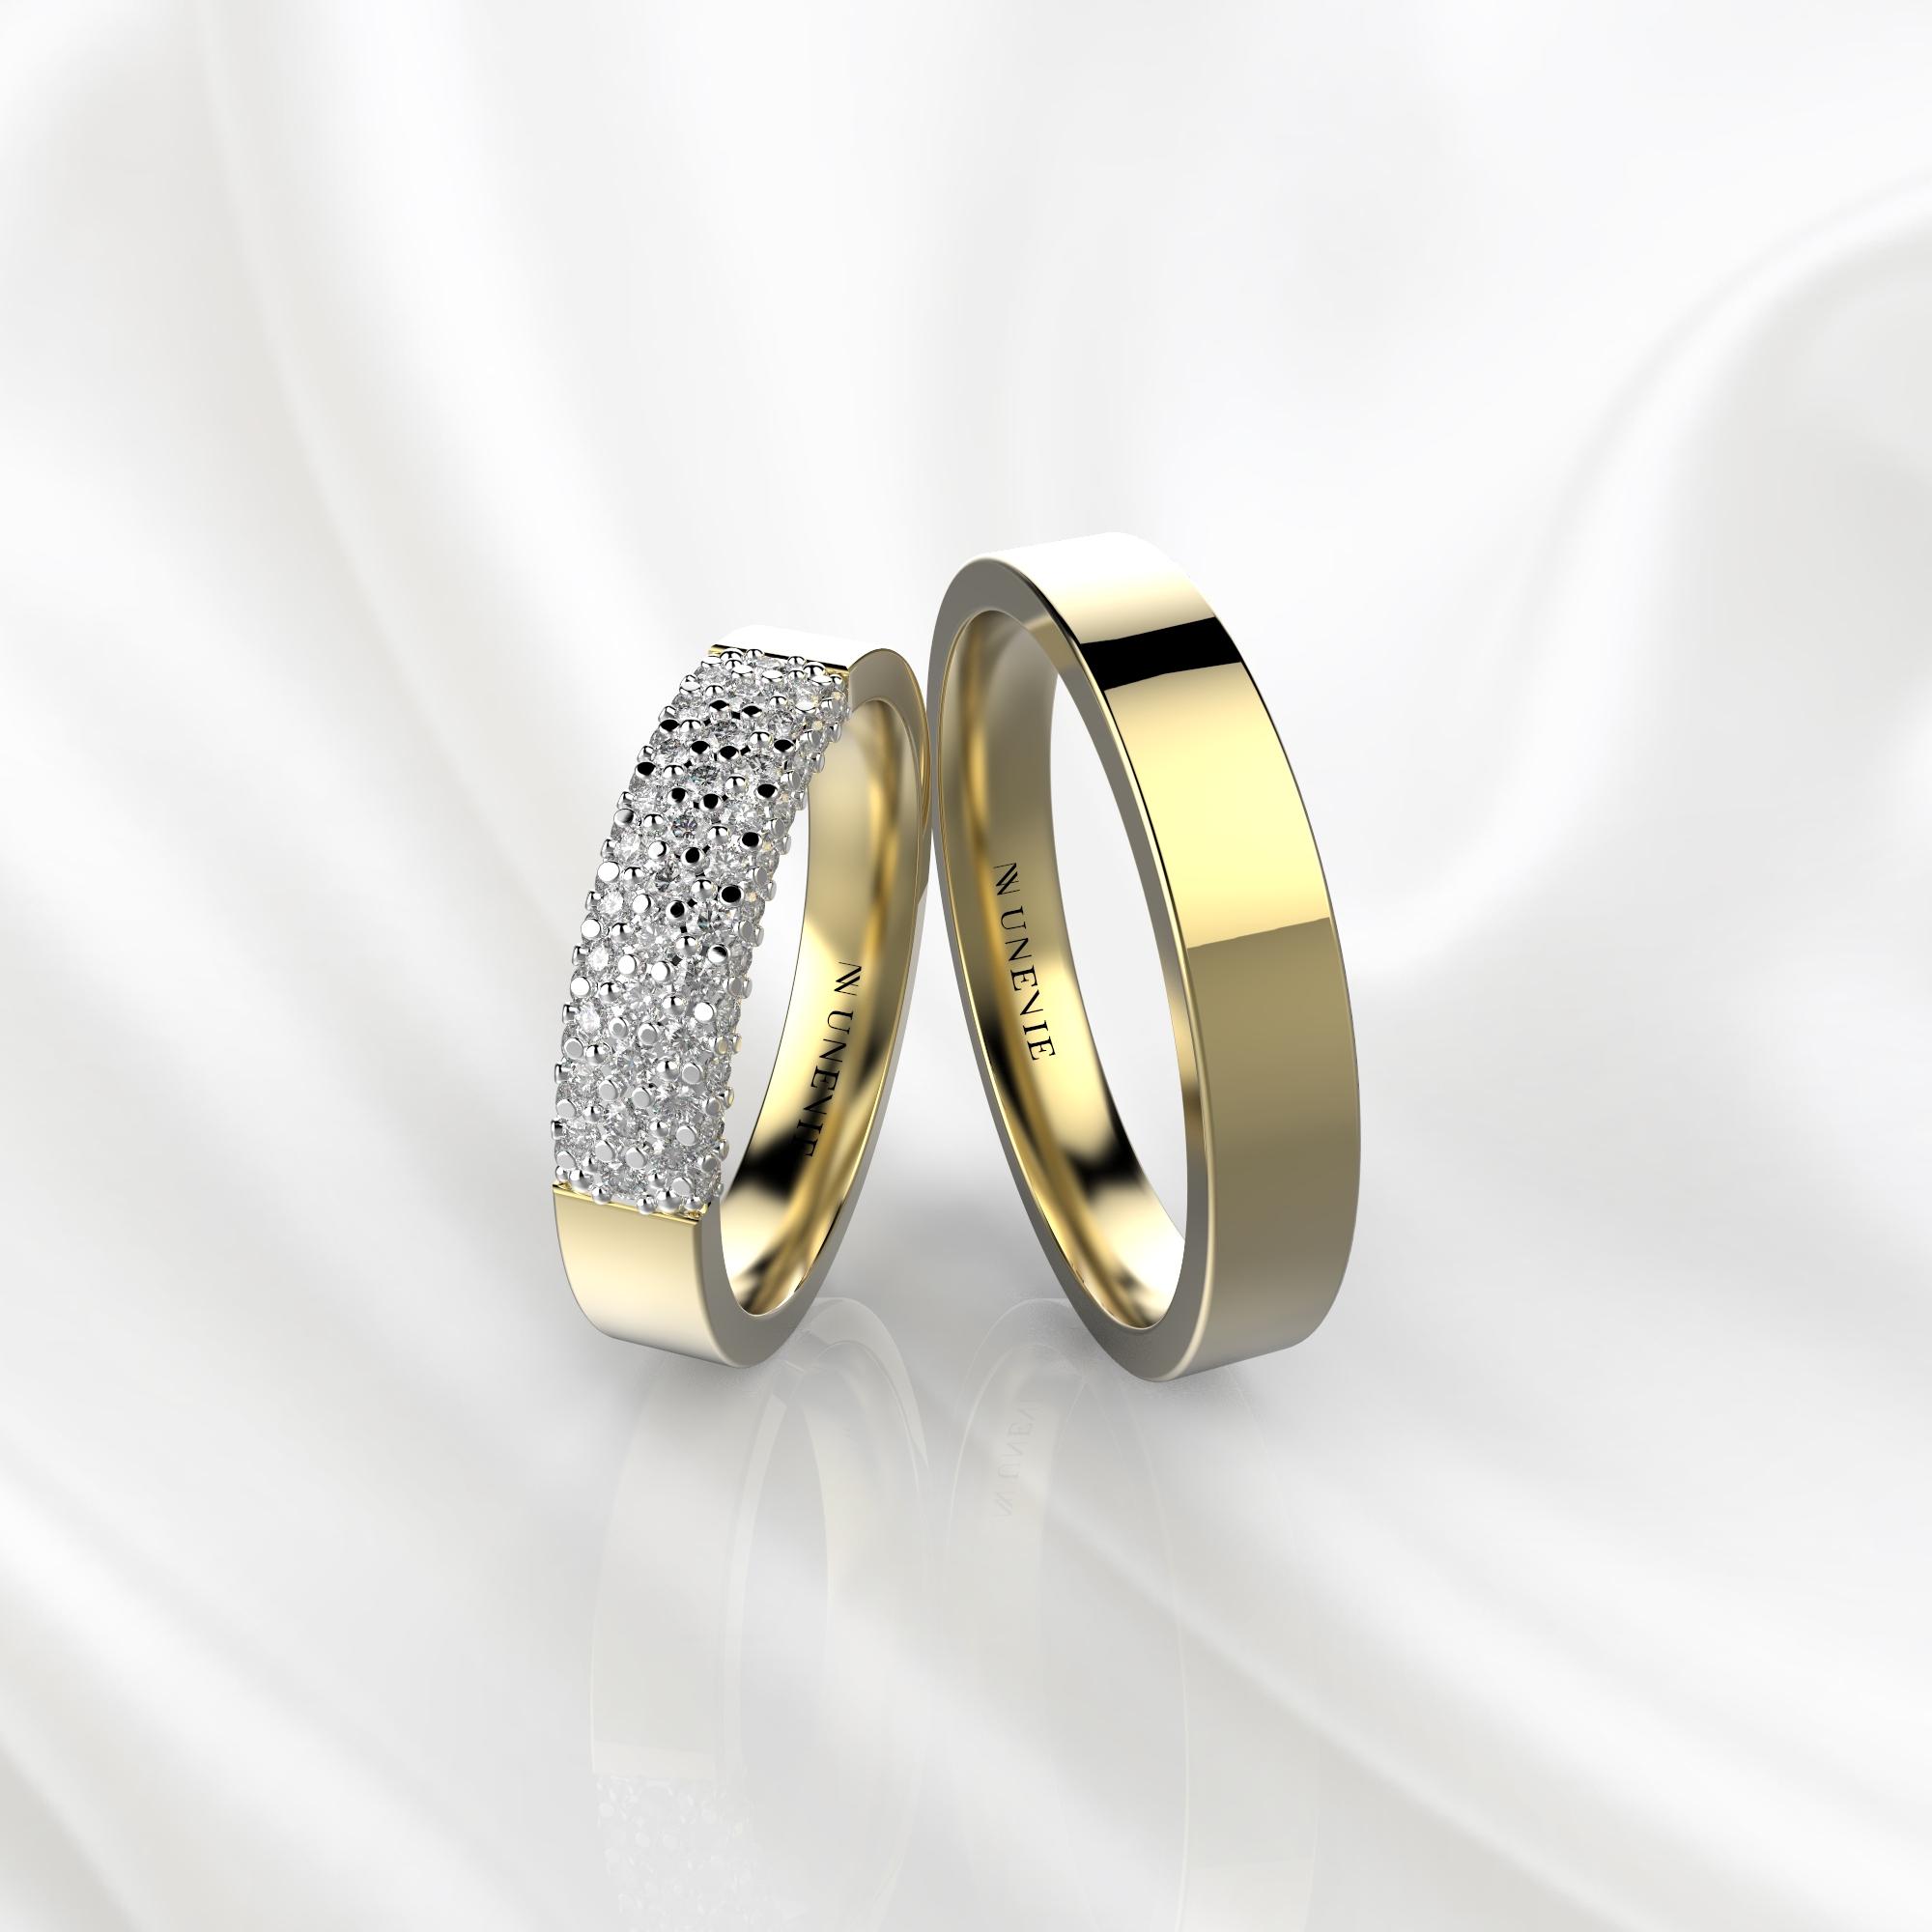 NV85 Парные обручальные кольца из желто-белого золота с бриллиантами